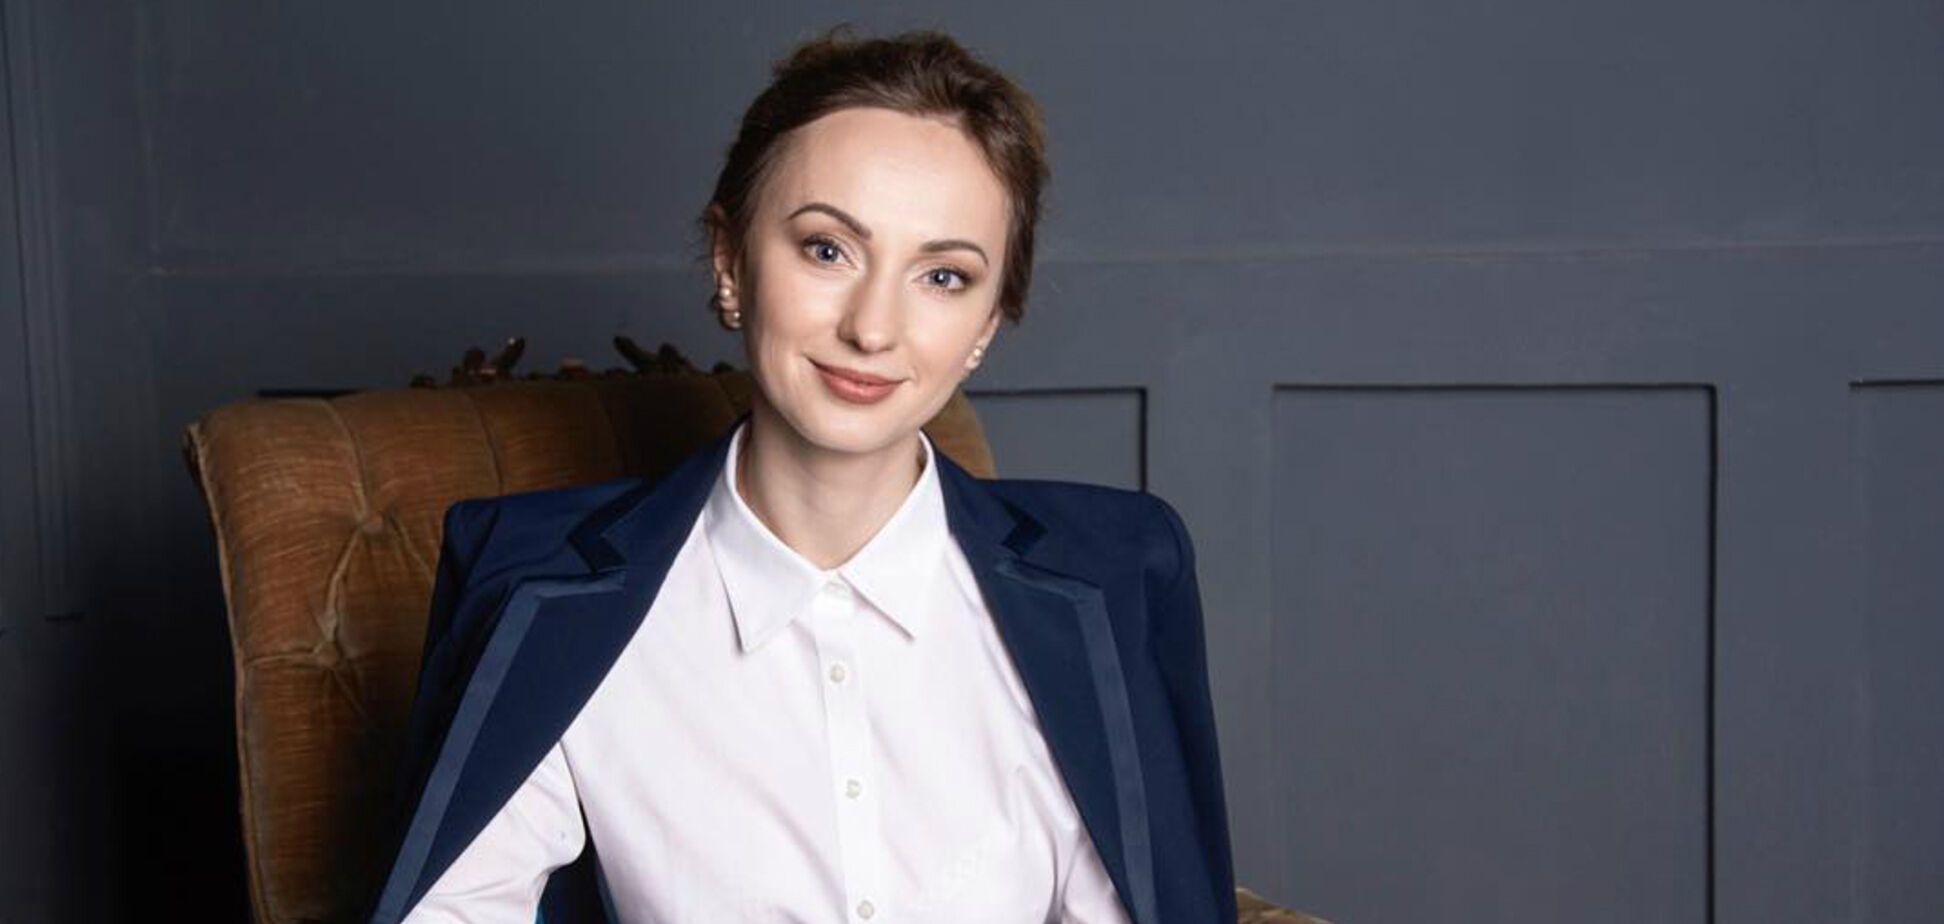 Правозащитница Суслова: вскоре женщины получат доступ к большой политике